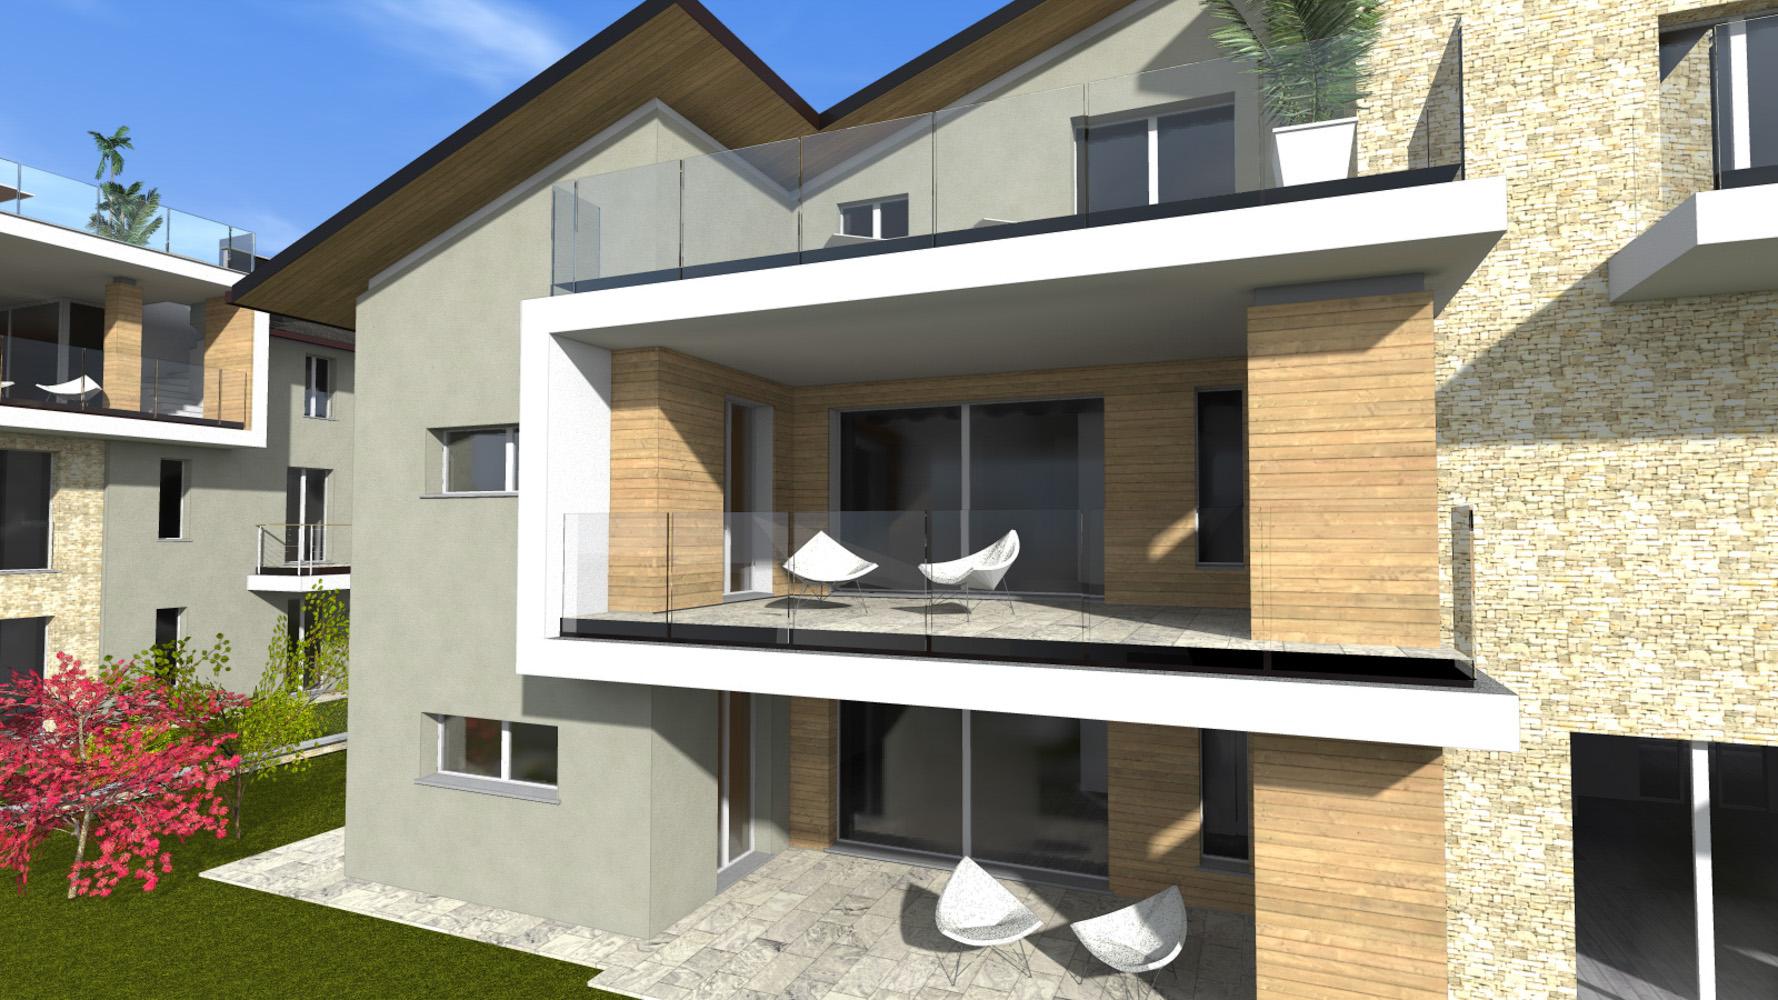 Q1 plurilocale con giardino for Palazzine moderne